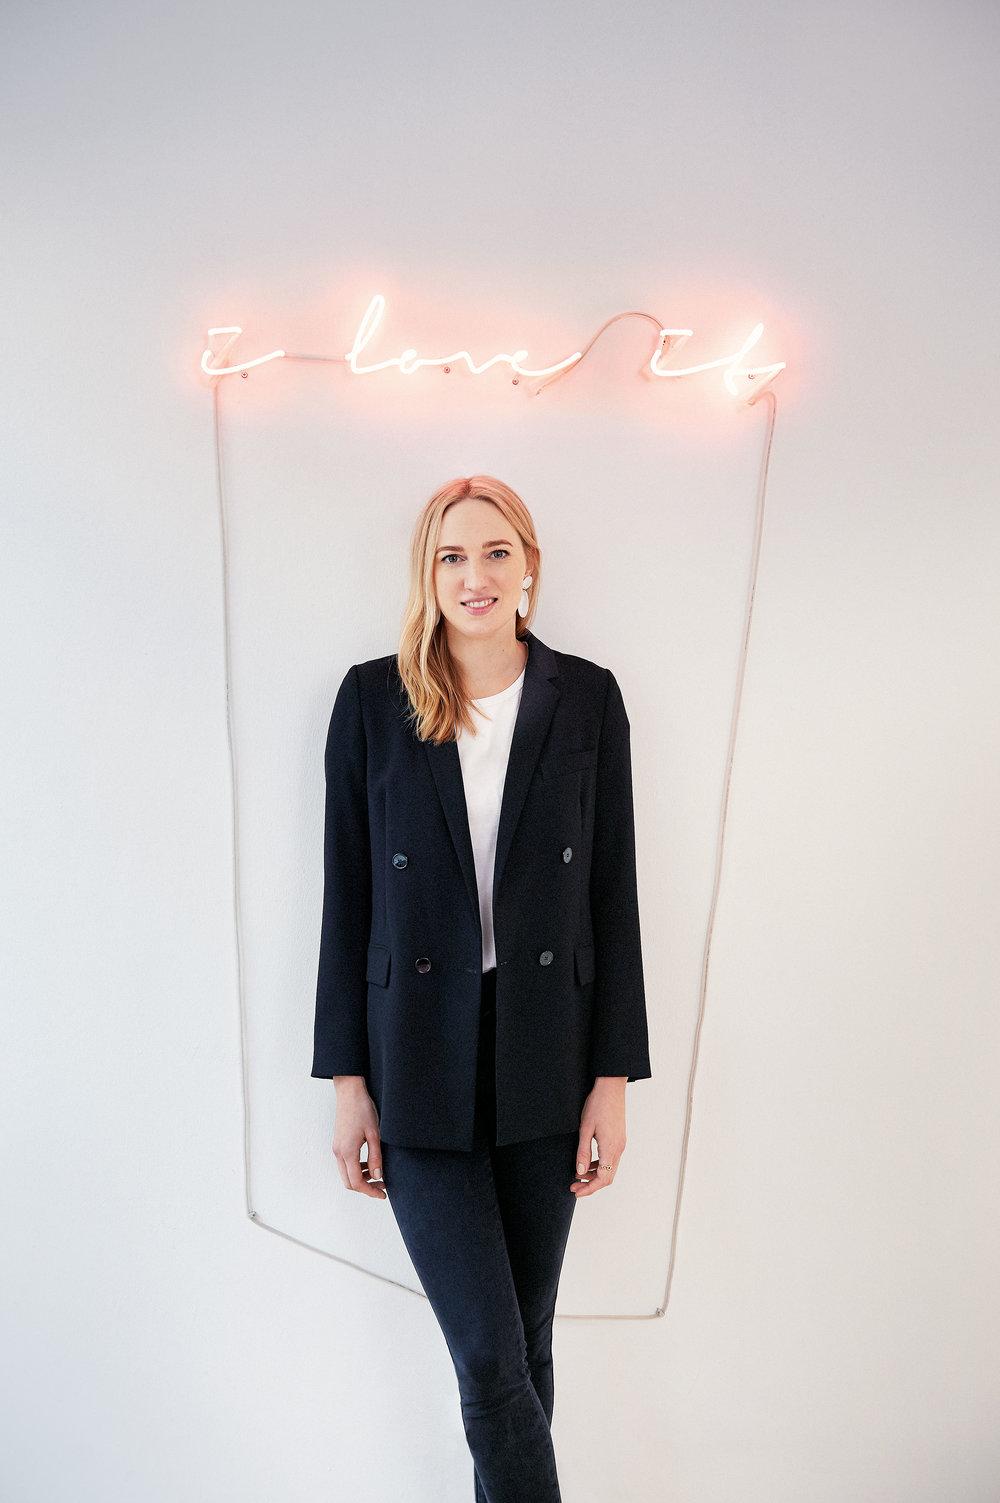 Nina Kastens - Nina Kastens ist eine Hamburger Schmuckdesignerin, deren Kollektionen auch schon von Hollywoodstars wie Emma Watson getragen wurden. Sie vereint das alte Goldschmiedehandwerk mit coolen Designs und modernen PR-Ideen.www.ninakastens.com